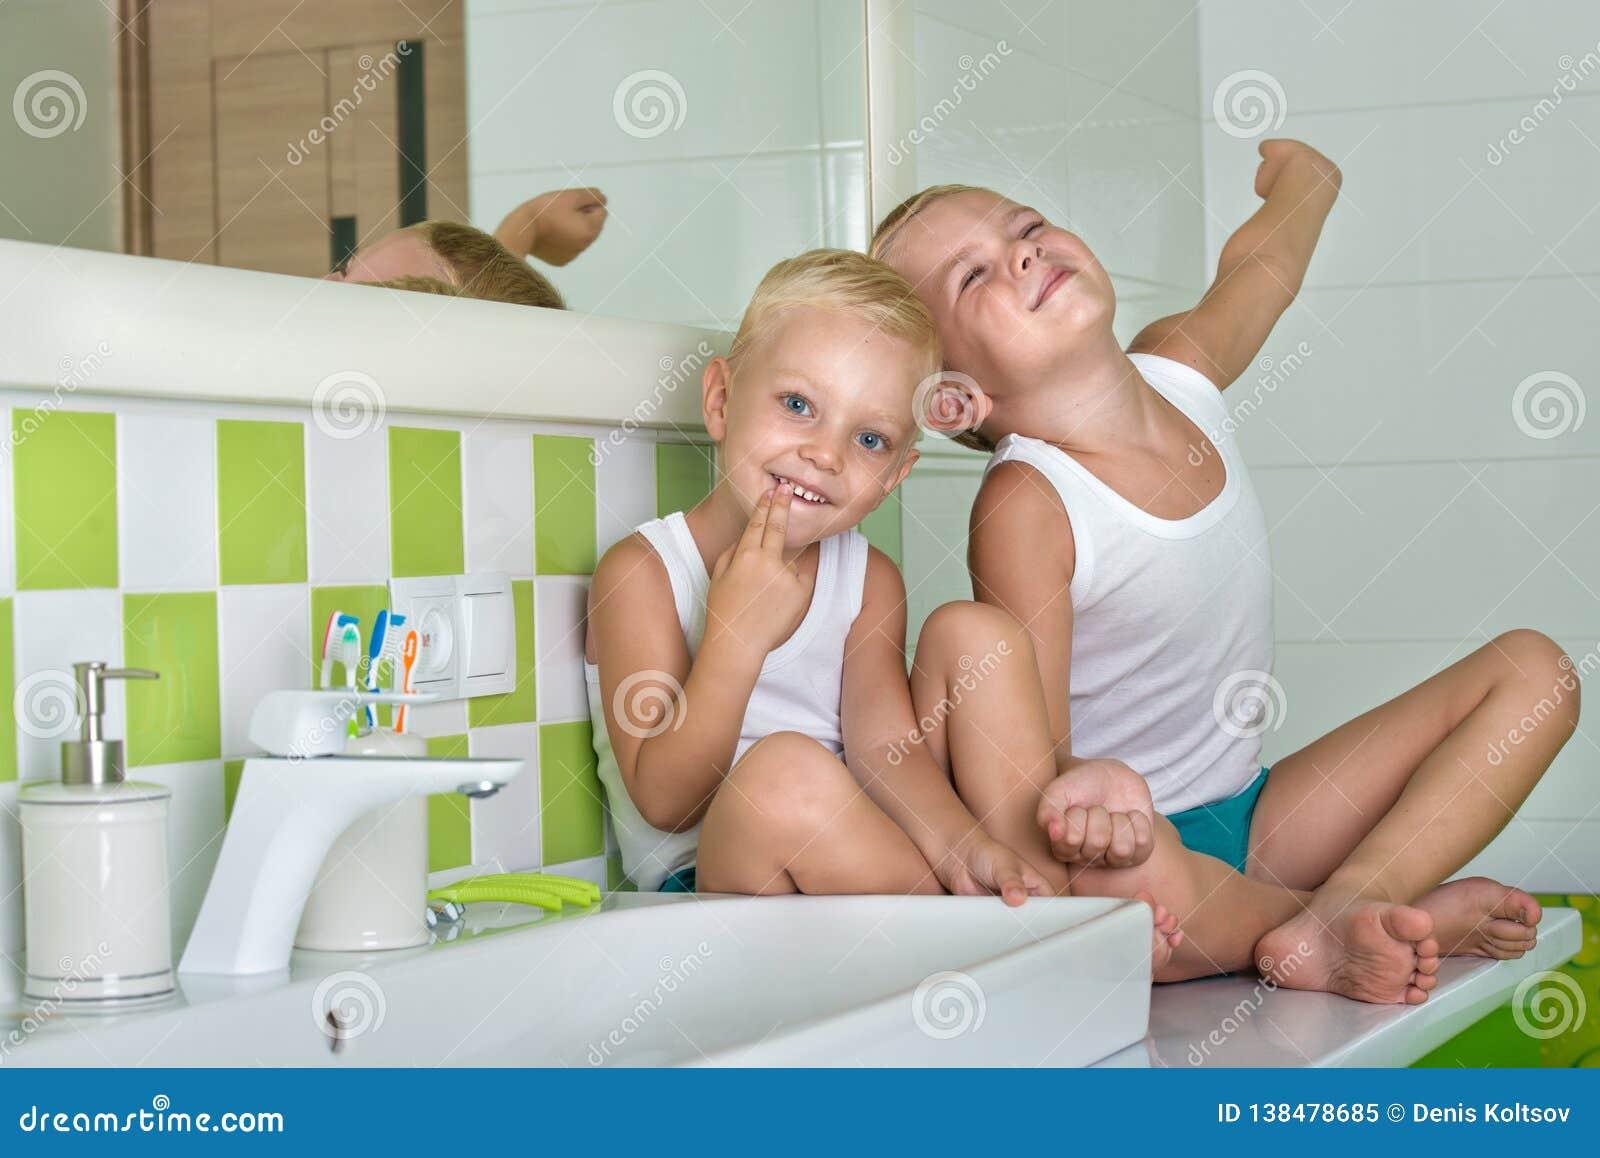 Buenos días Dos hermanos en el cuarto de baño, despertando por la mañana